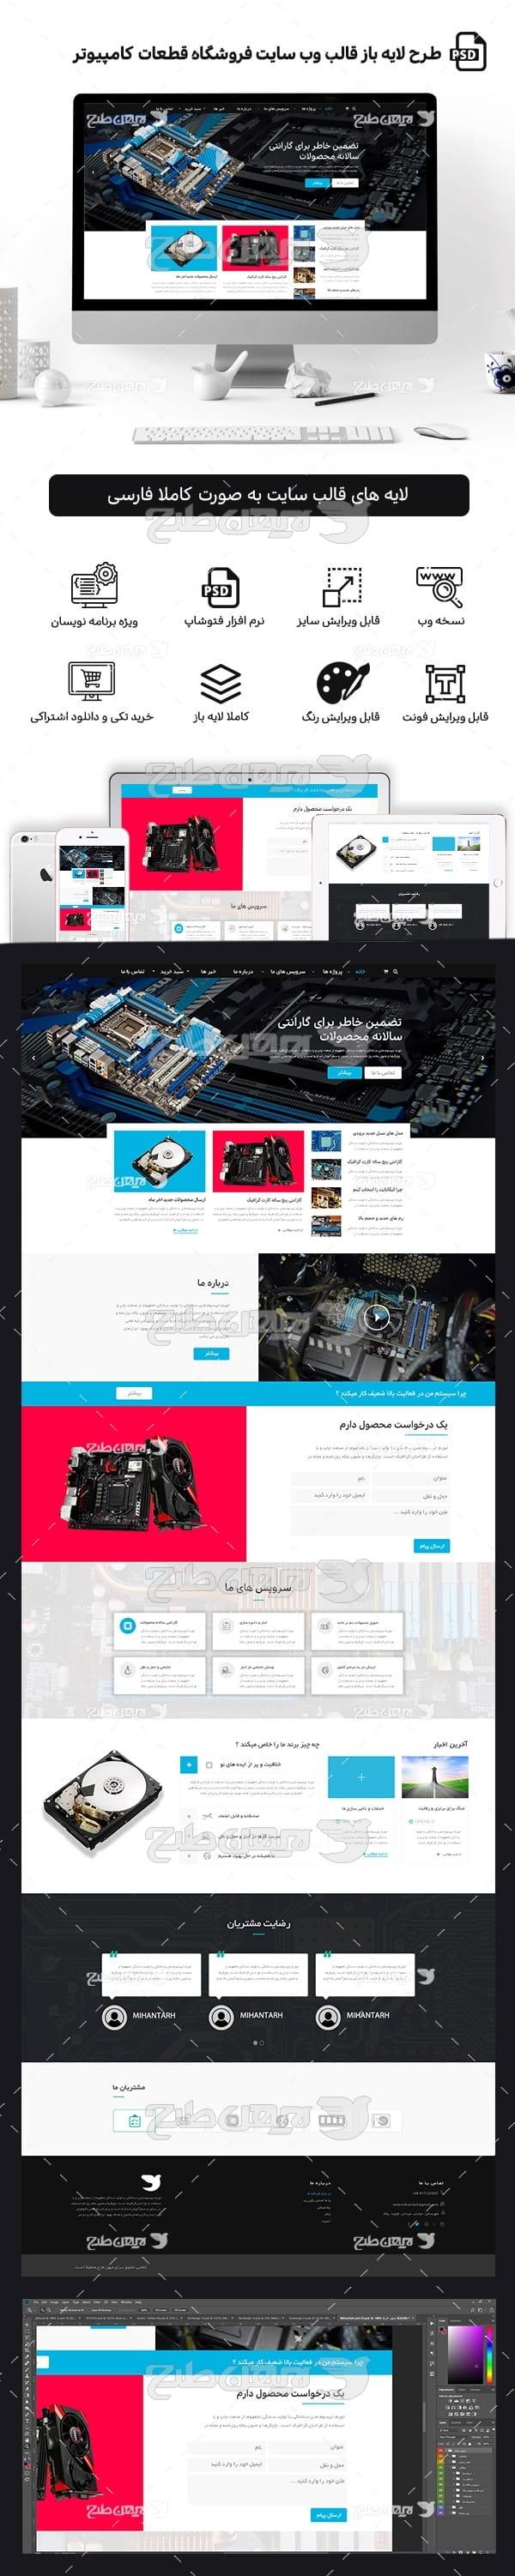 طرح لایه باز صفحه اصلی قالب سایت فروشگاه قطعات کامپیوتر